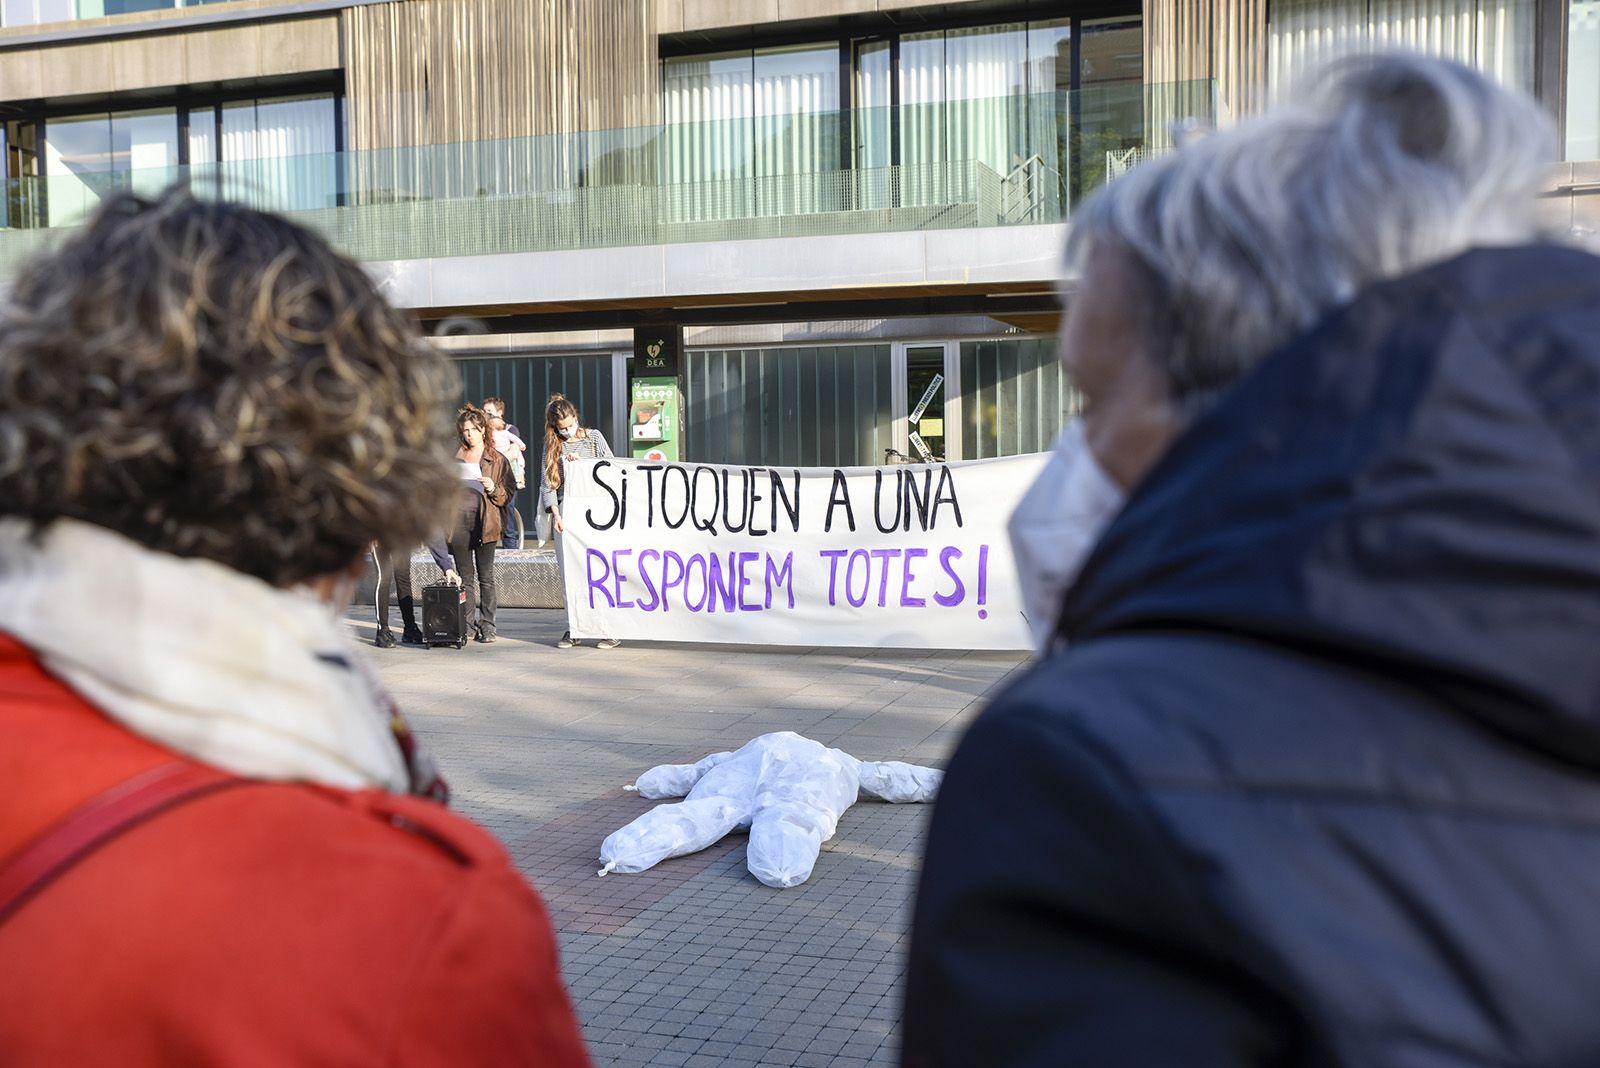 Concentració feminista denuncia l'abús sexual a una menor. Fotos Bernat Millet 5